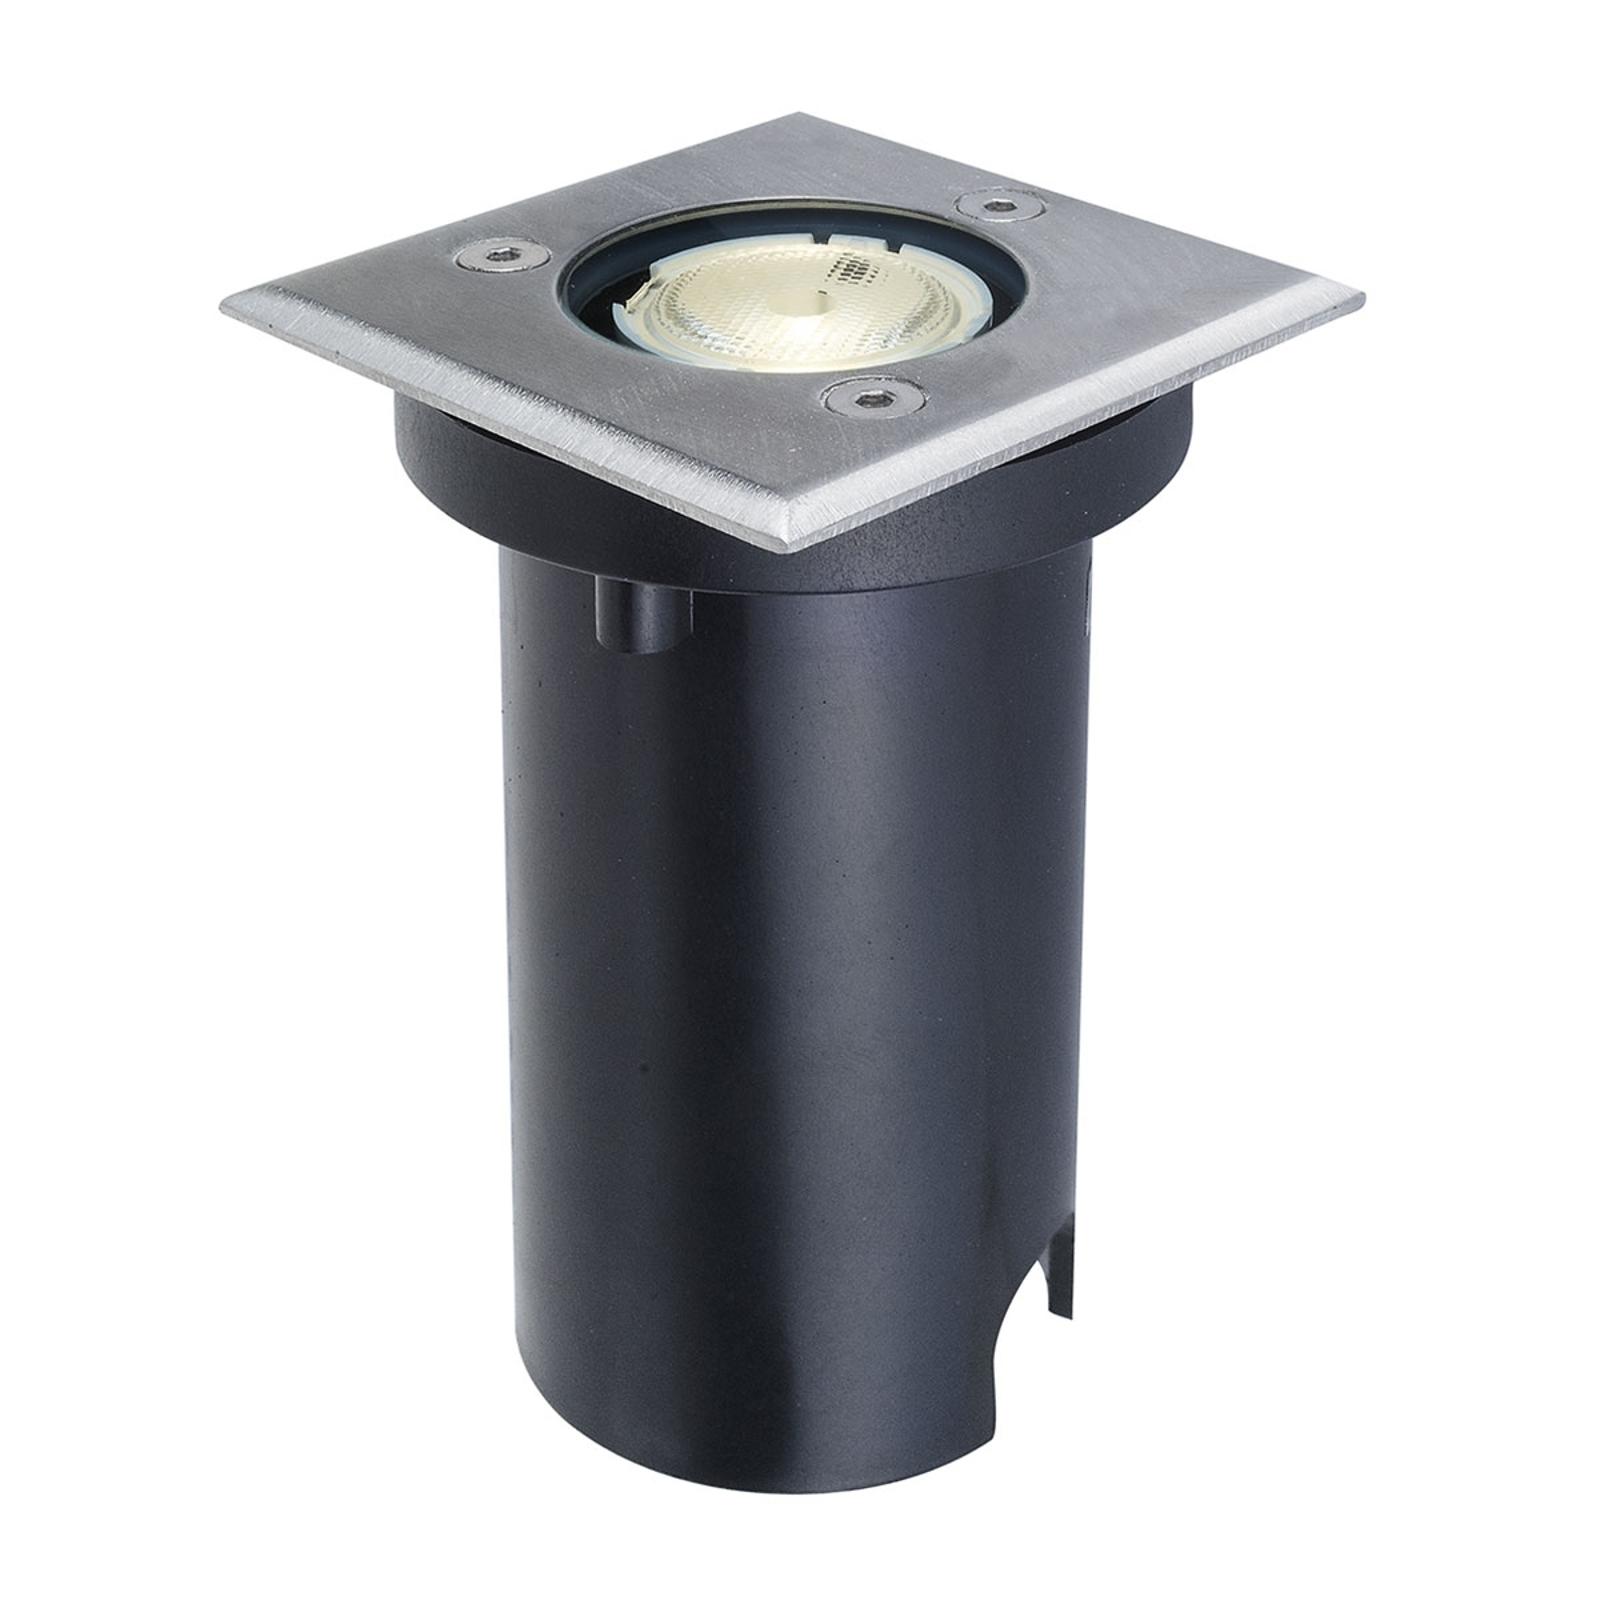 Oprawa wpuszczana w podłoże LED Kenan, IP67 49 lm